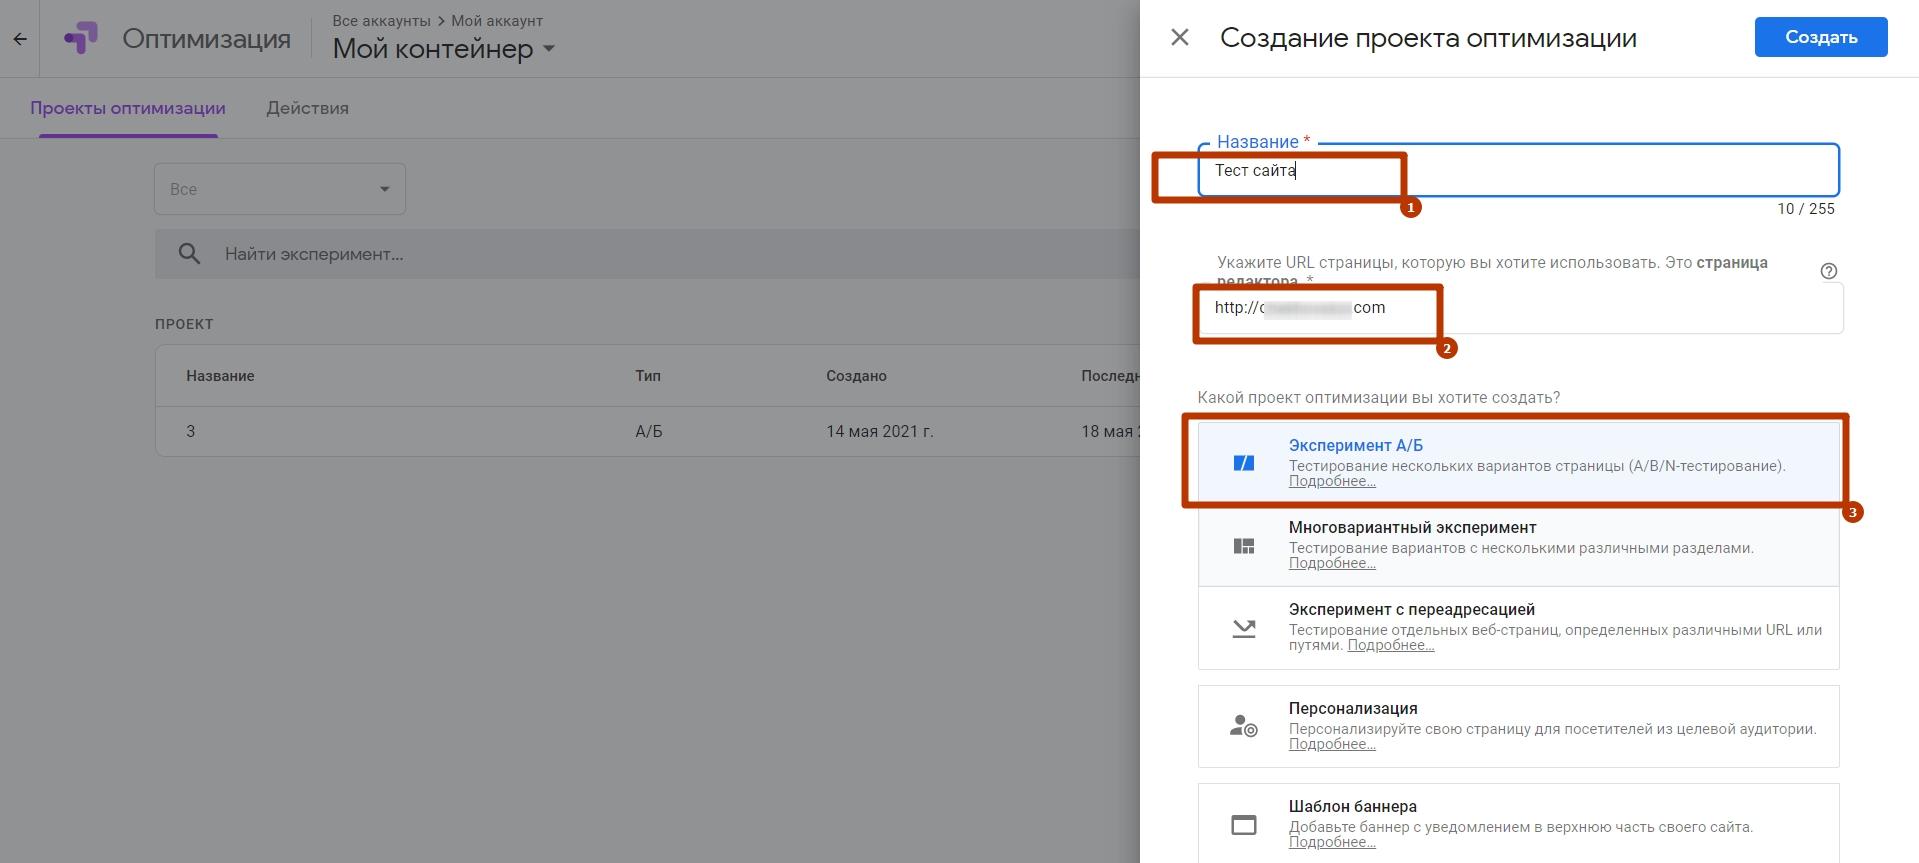 Выбираем нужный эксперимент в сервисе Google Optimize